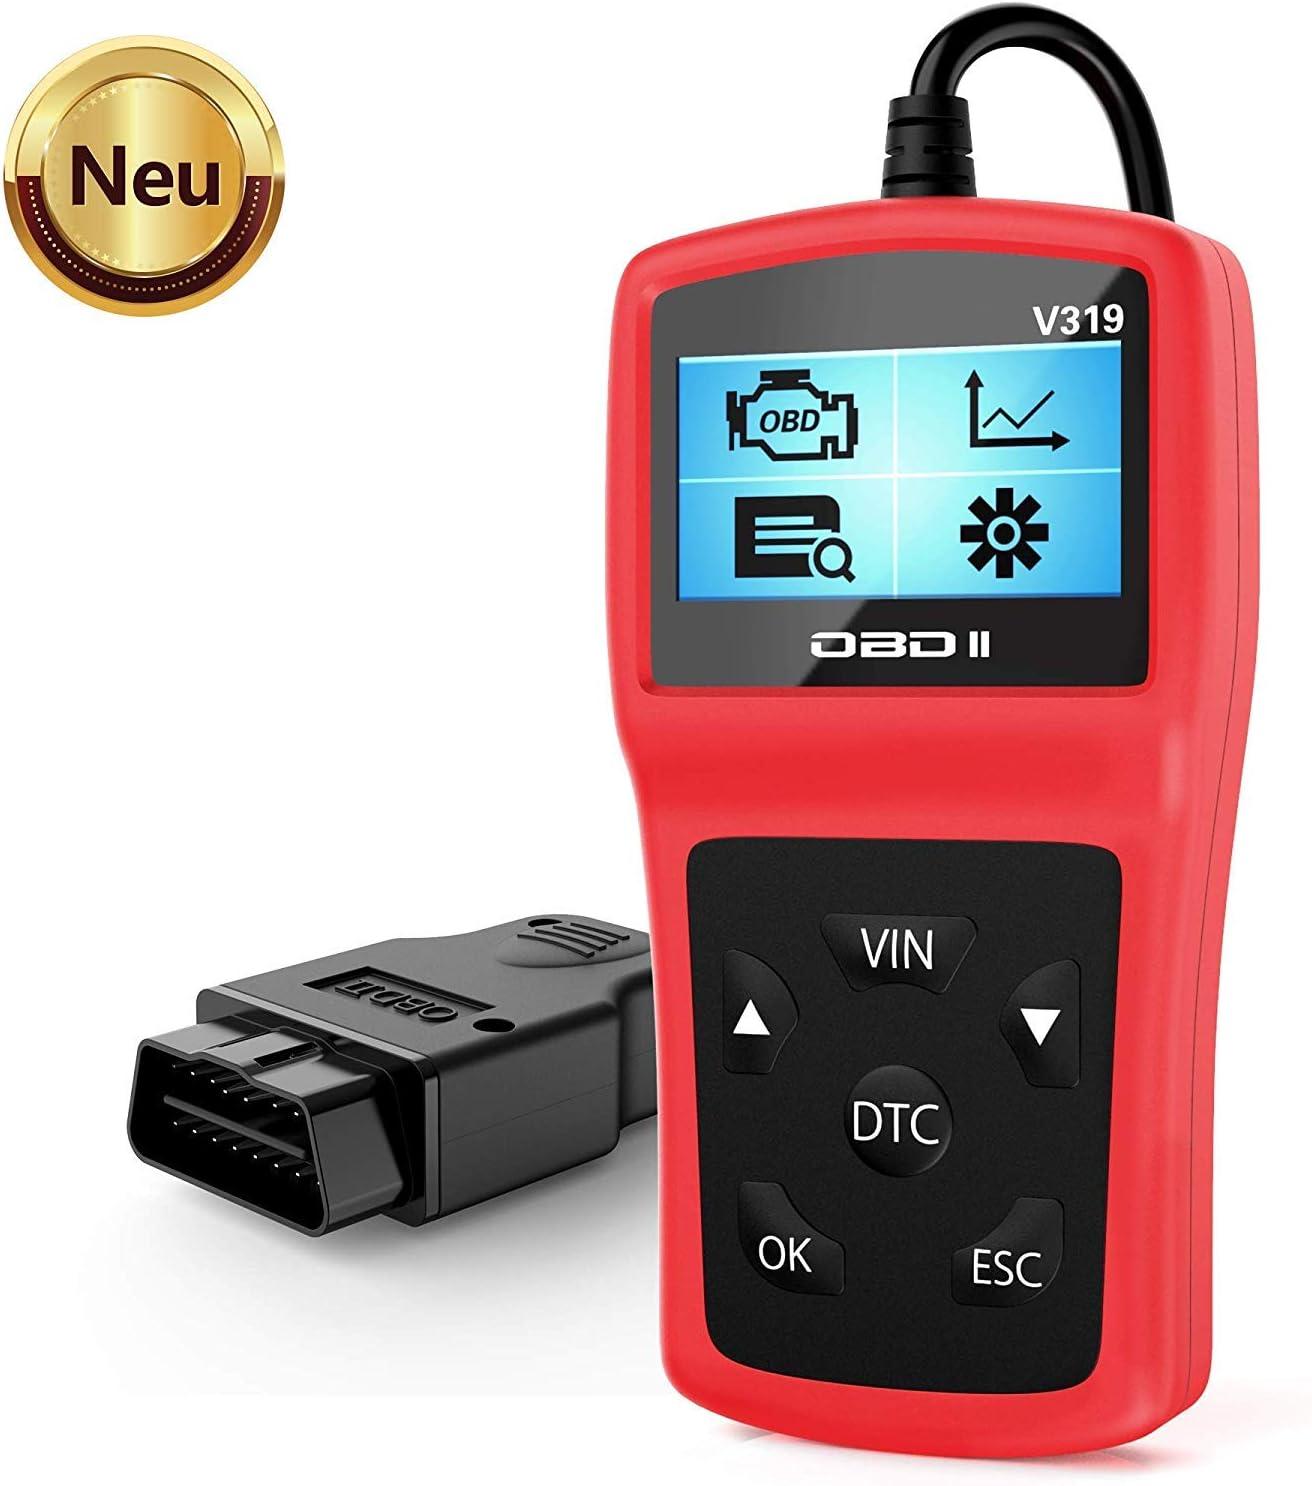 Tesecu Coche diagnósticos OBD2, Diagnóstico Automático Escáner, escáner Lector de código de Falla, Herramienta de diagnóstico automático para probar Sistemas de Motores